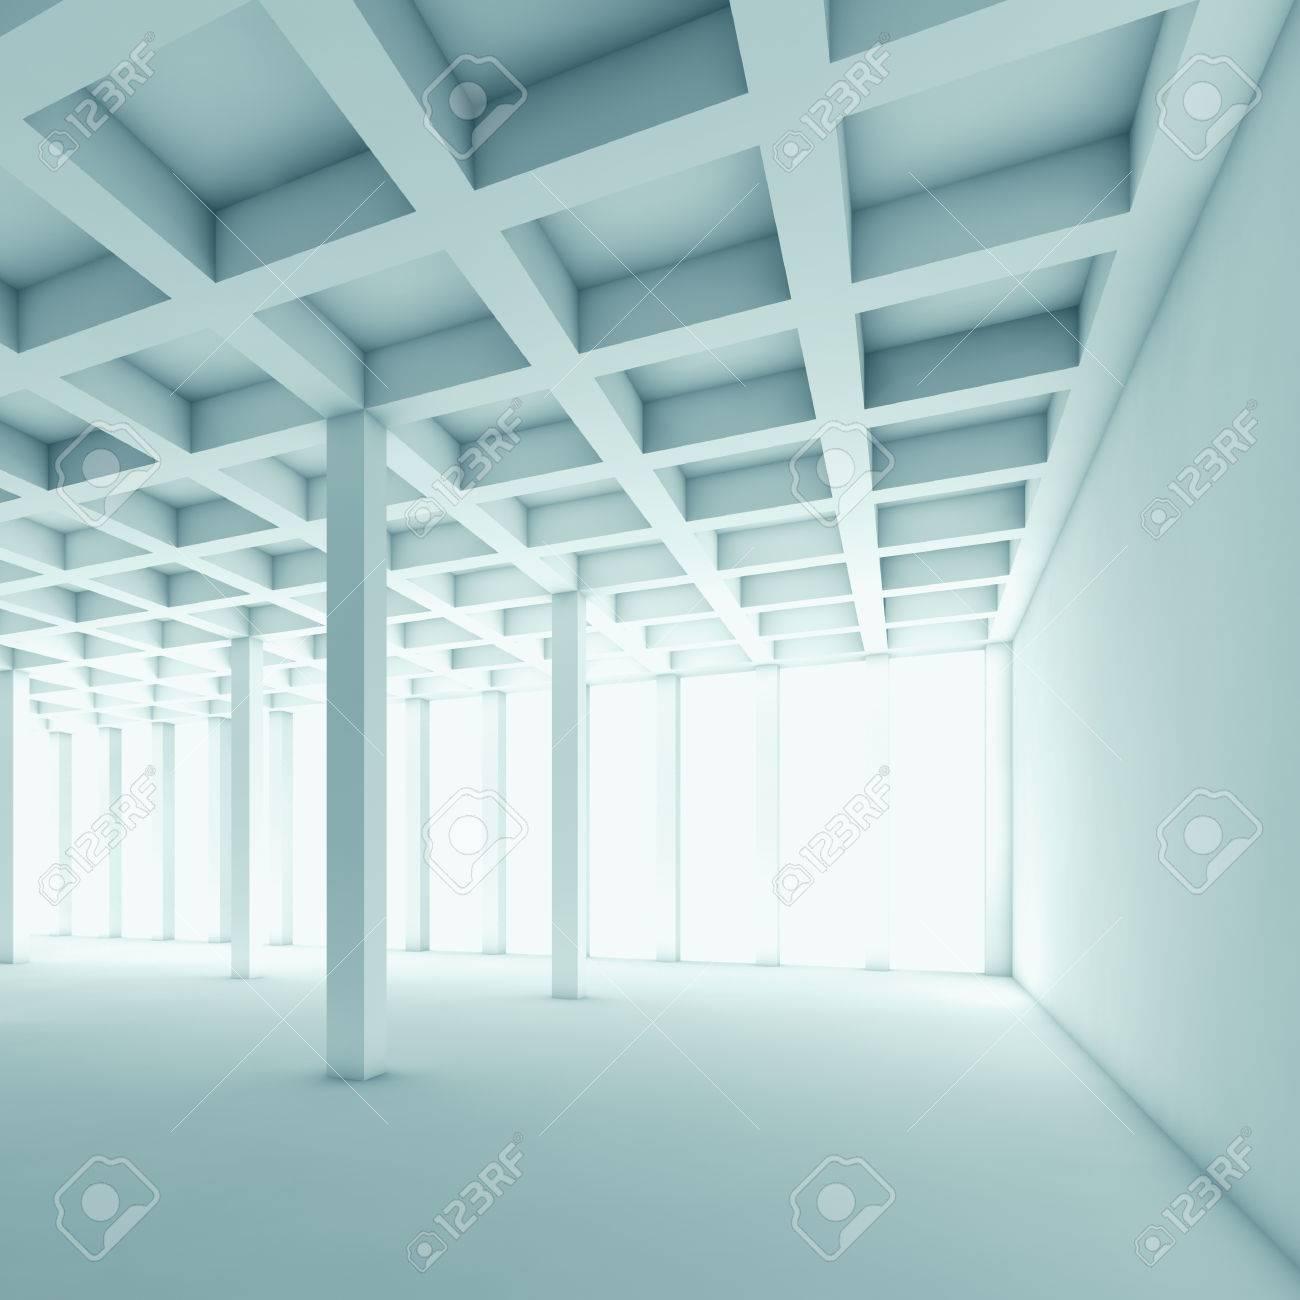 Abstrait Arrière Plan De Lu0027architecture Avec Vue En Perspective De La  Chambre Vide